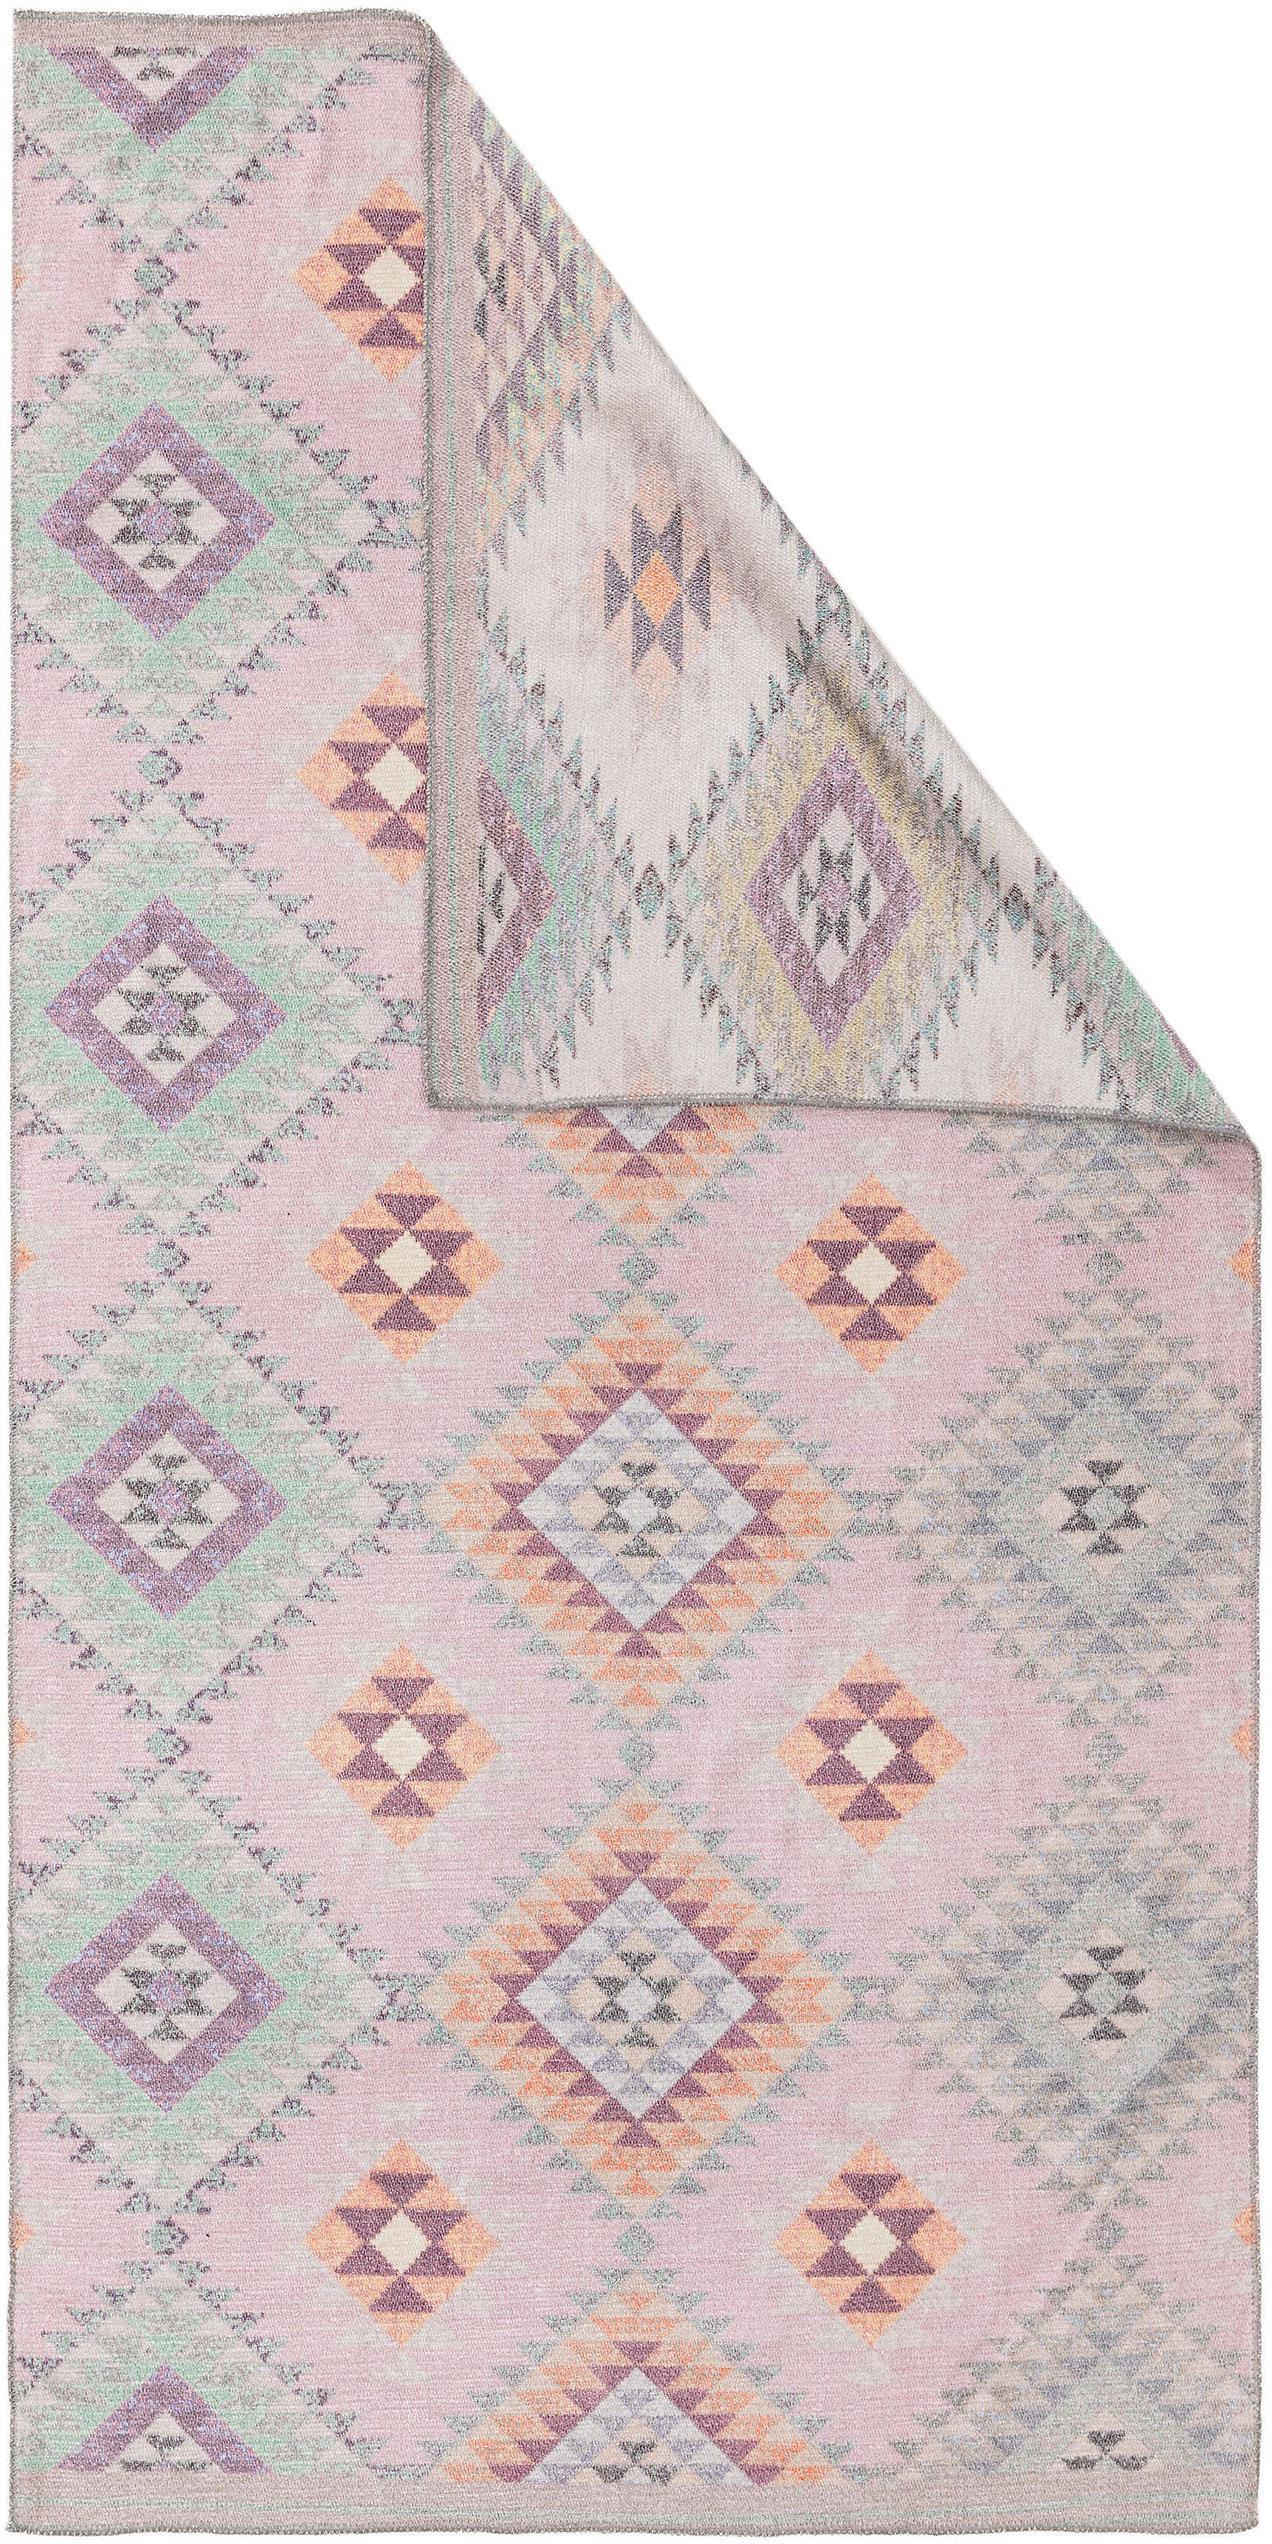 Tappeto reversibile kilim Ana, 80% poliestere 20% cotone, Rosa, multicolore, Larg. 75 x Lung. 150 cm (taglia XS)